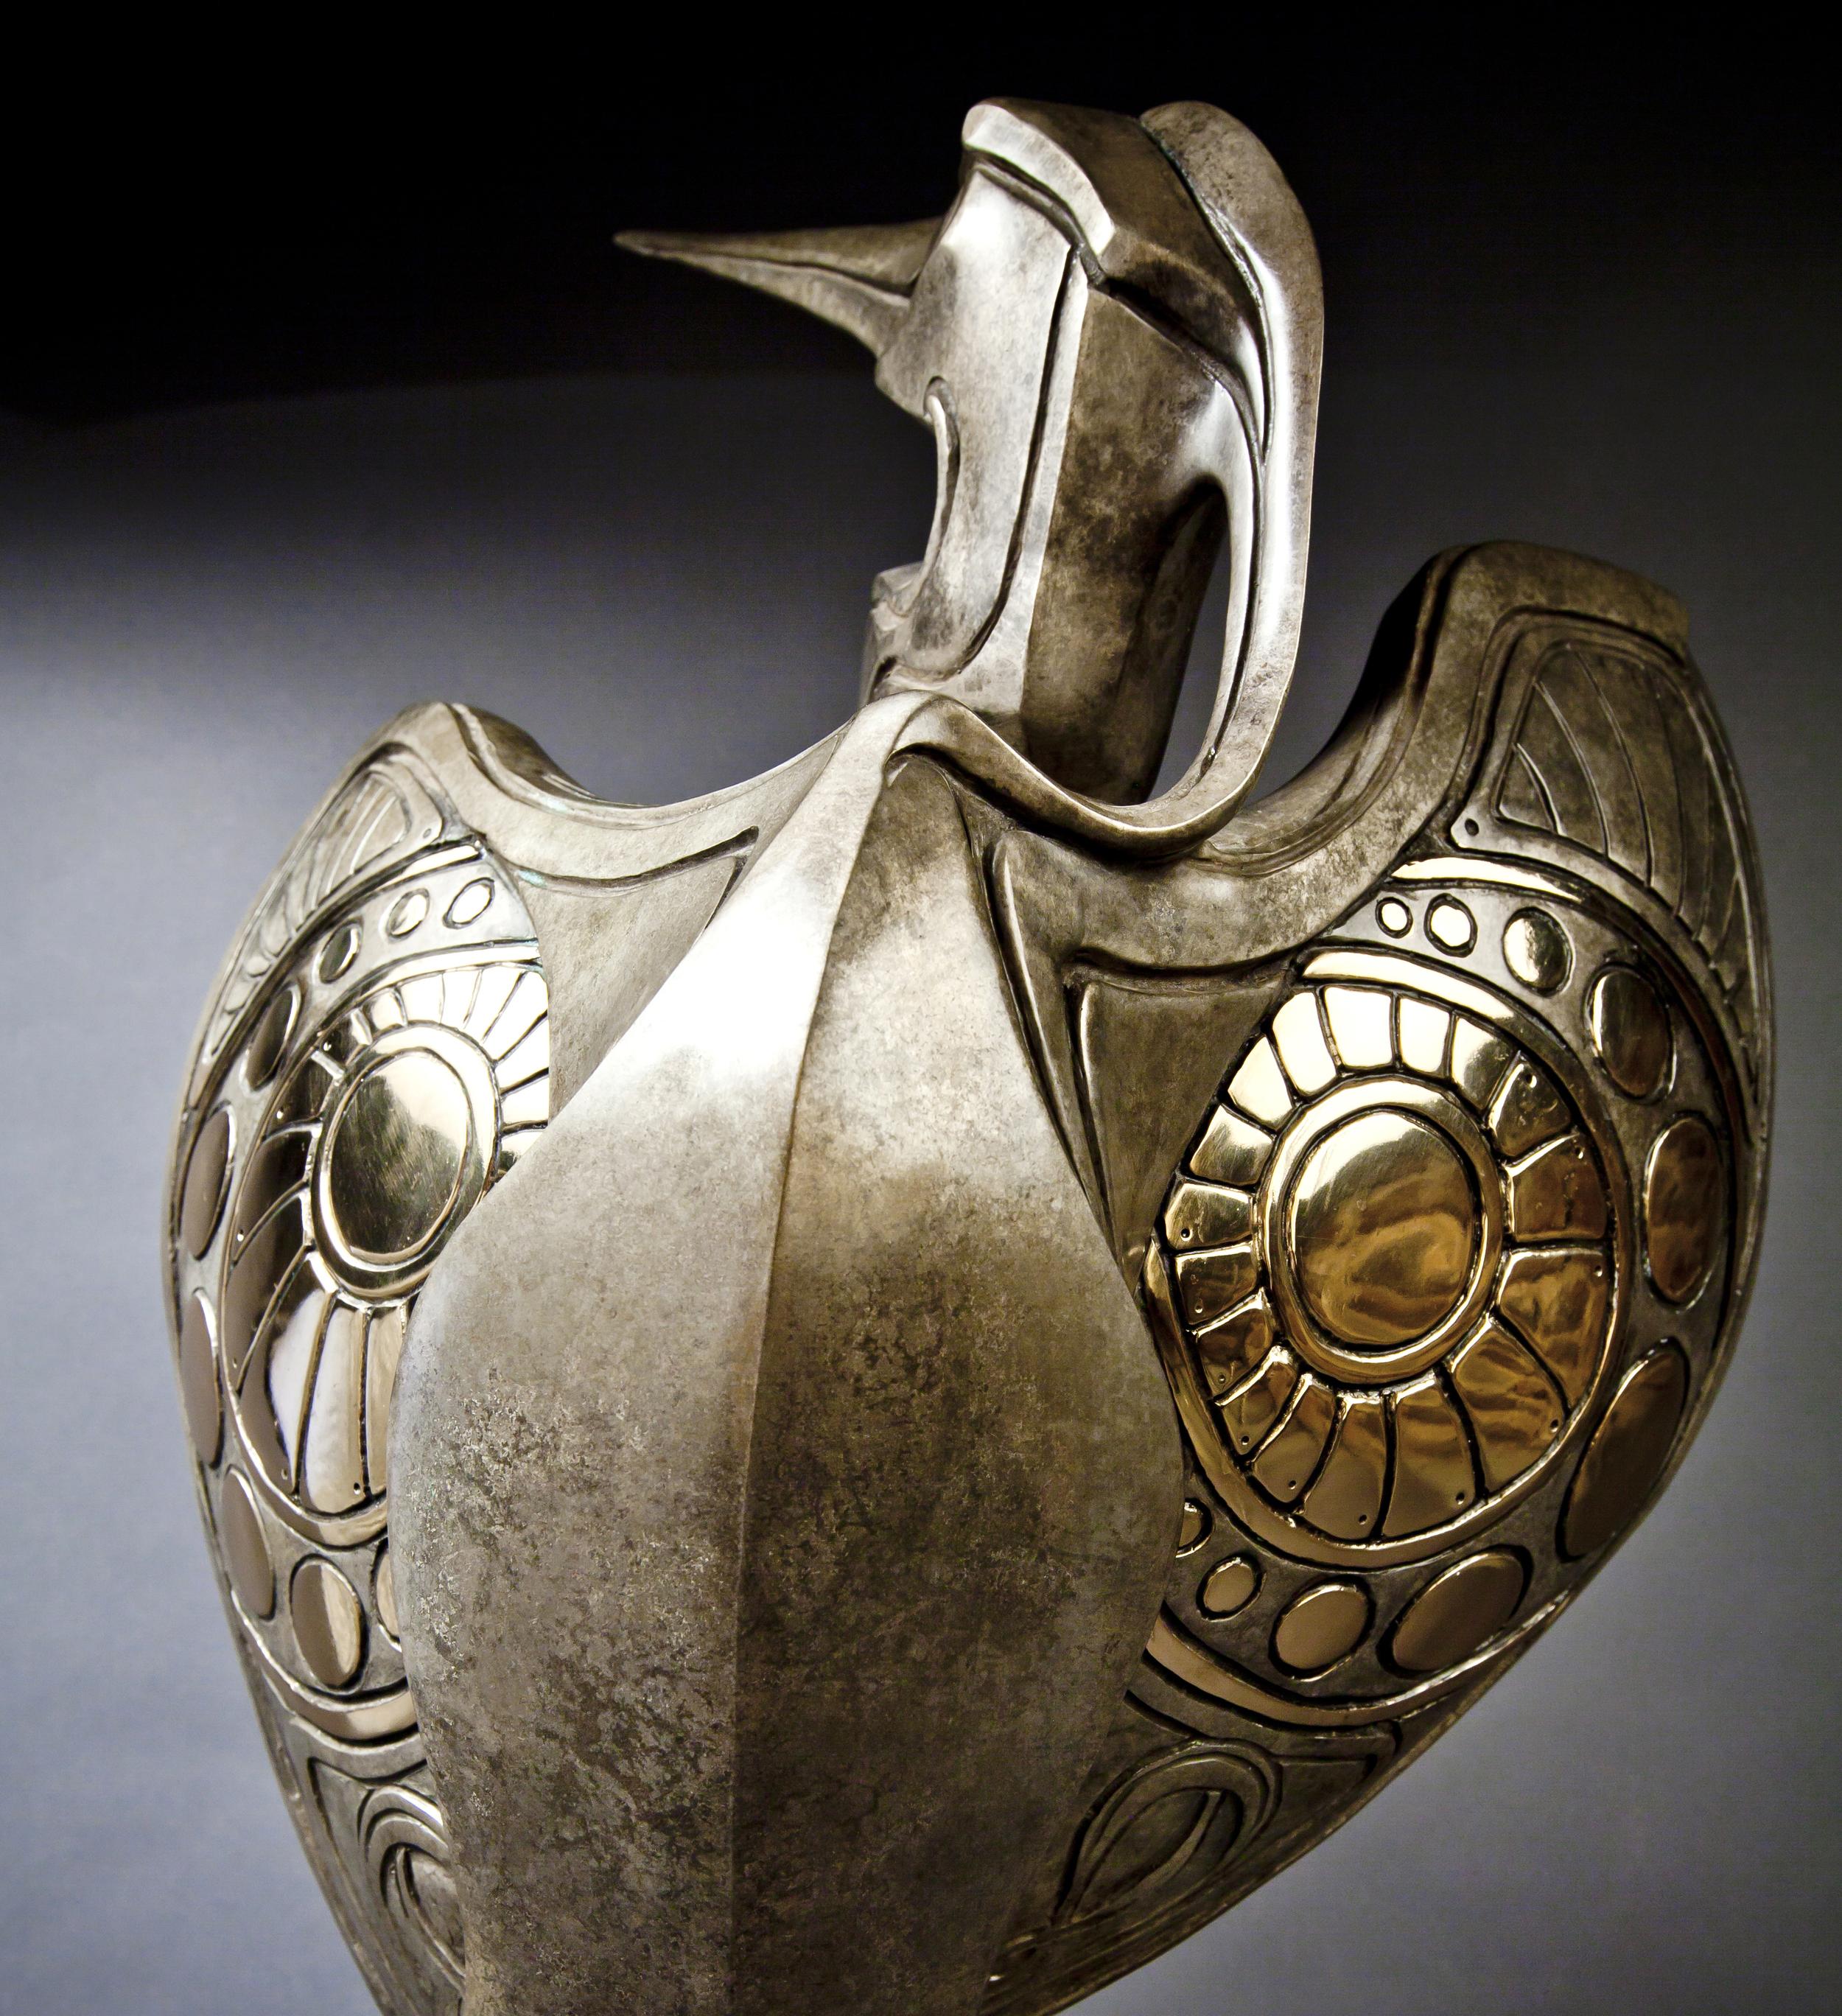 Bronze-Heron-by-John-Maisano-9.jpg